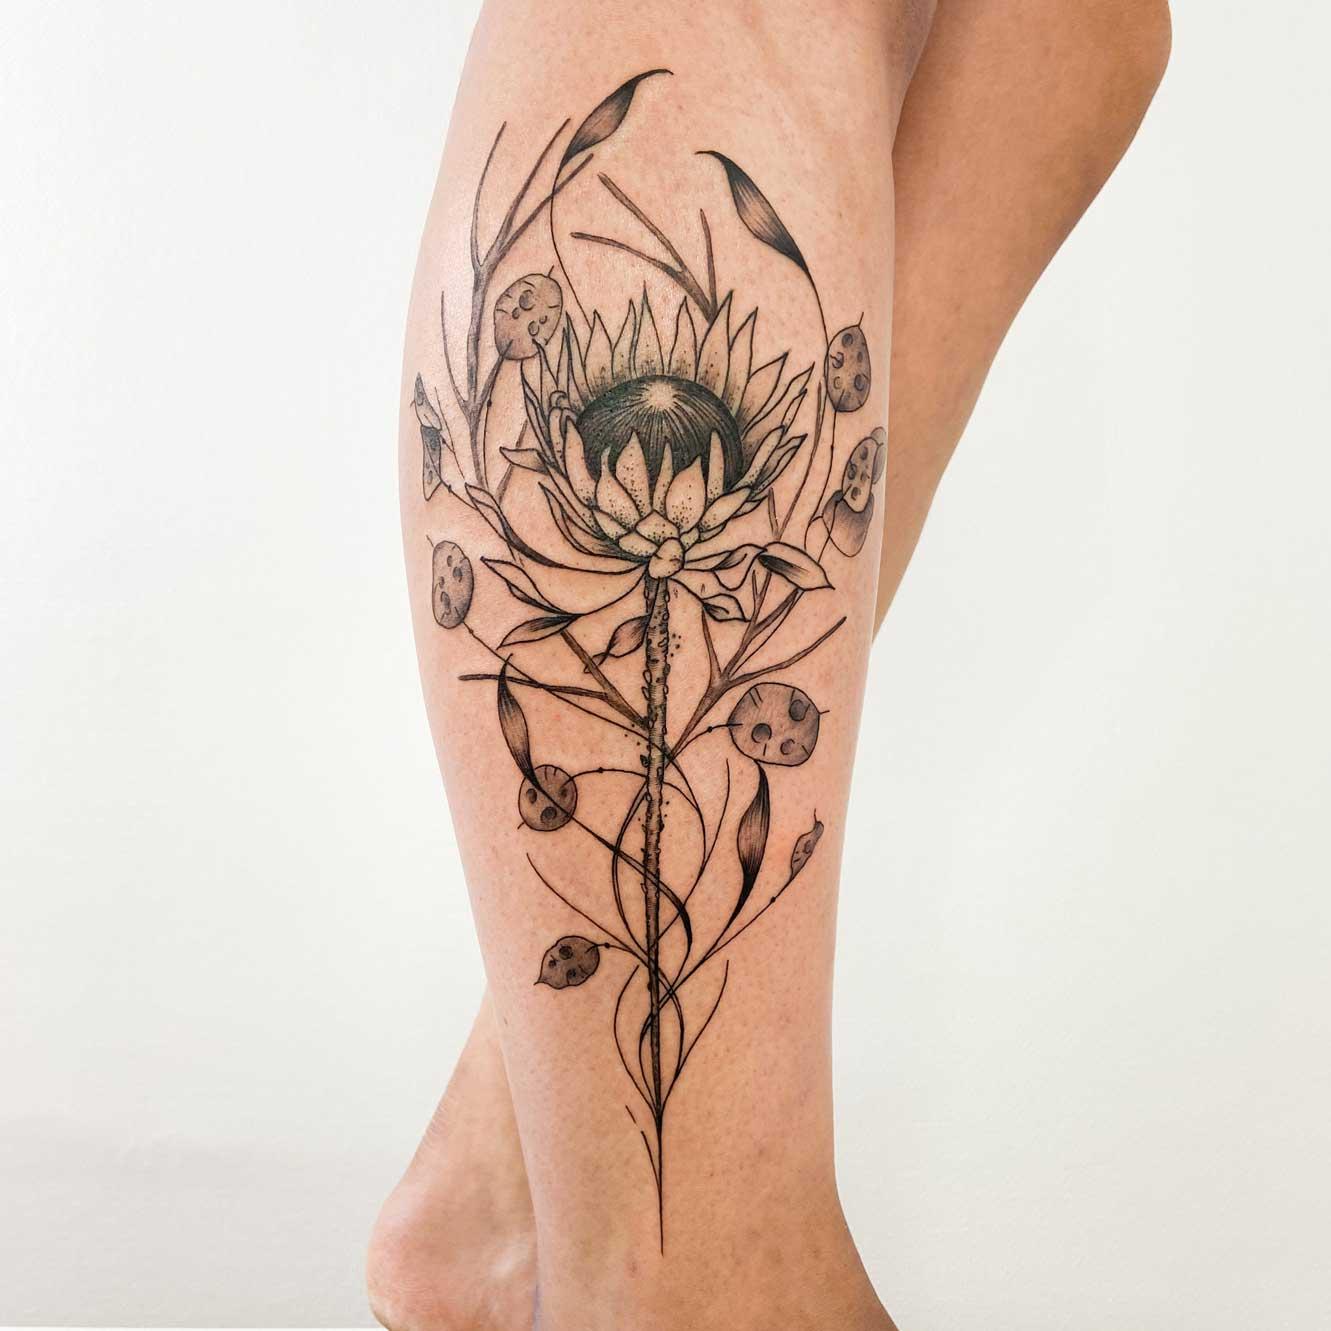 tatouage-mollet-fleur-organic-floral-france